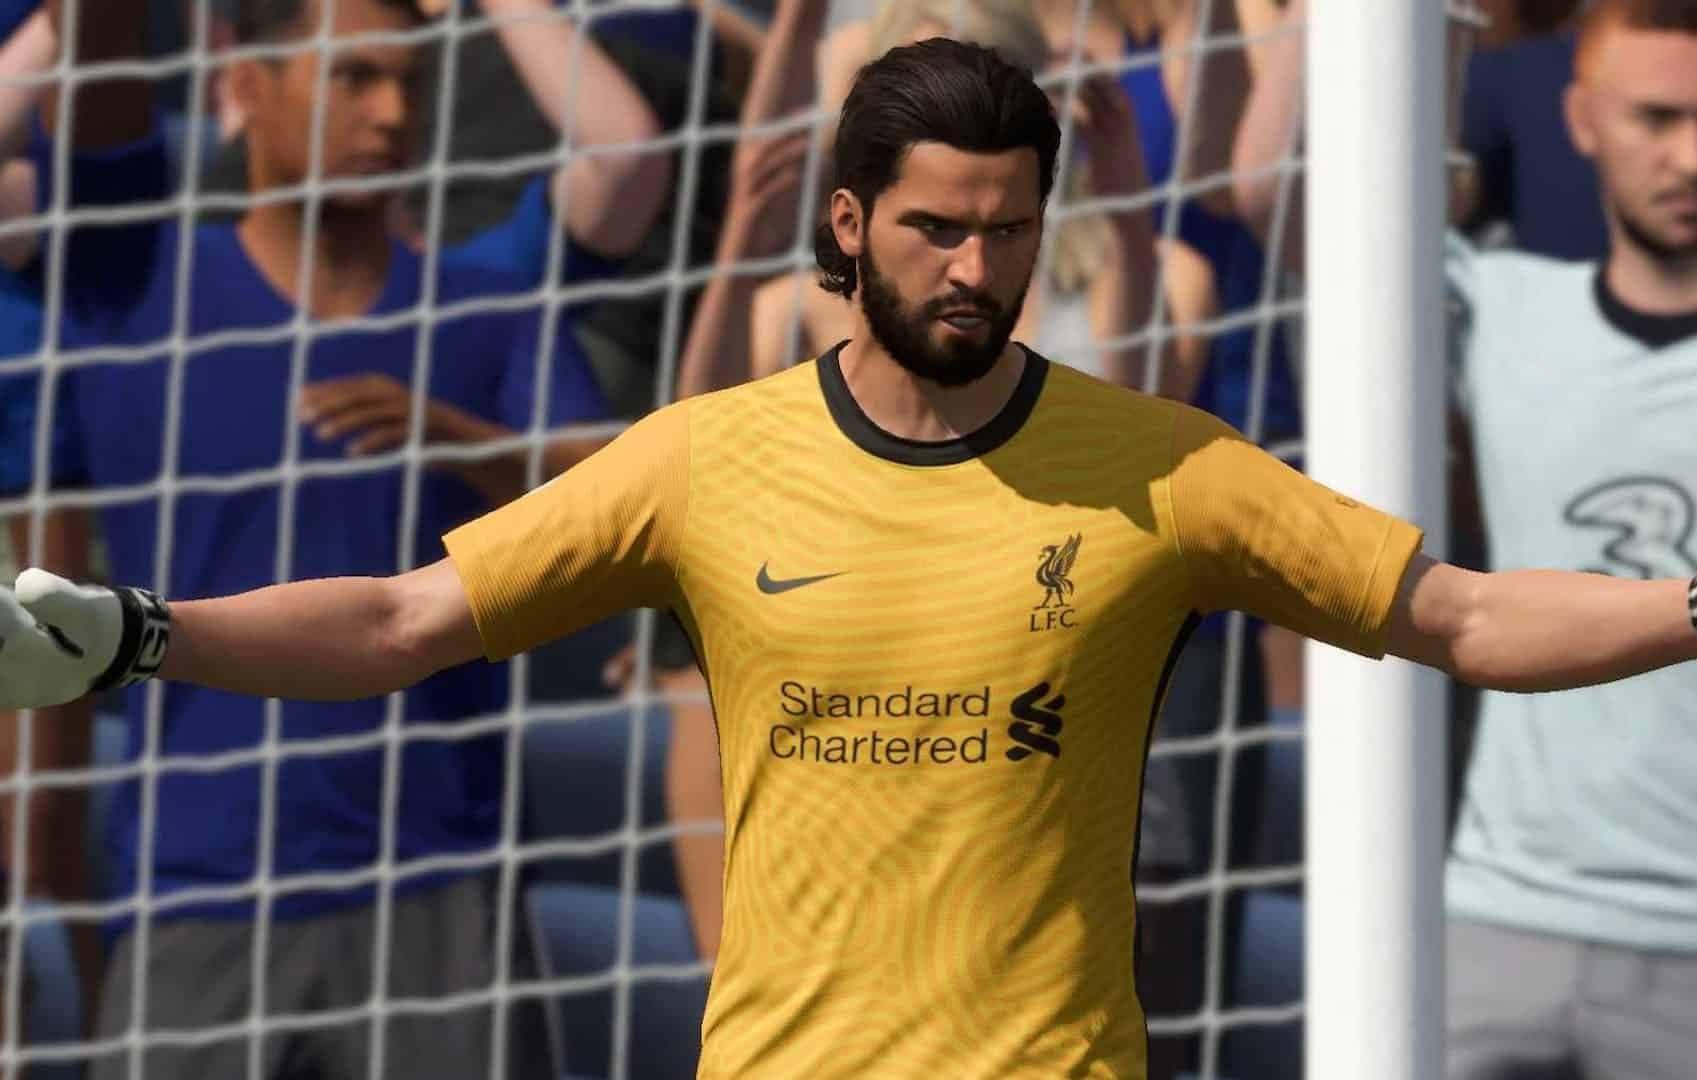 FIFA 22 recibe su primera actualización con cambios en los porteros y la defensa 2